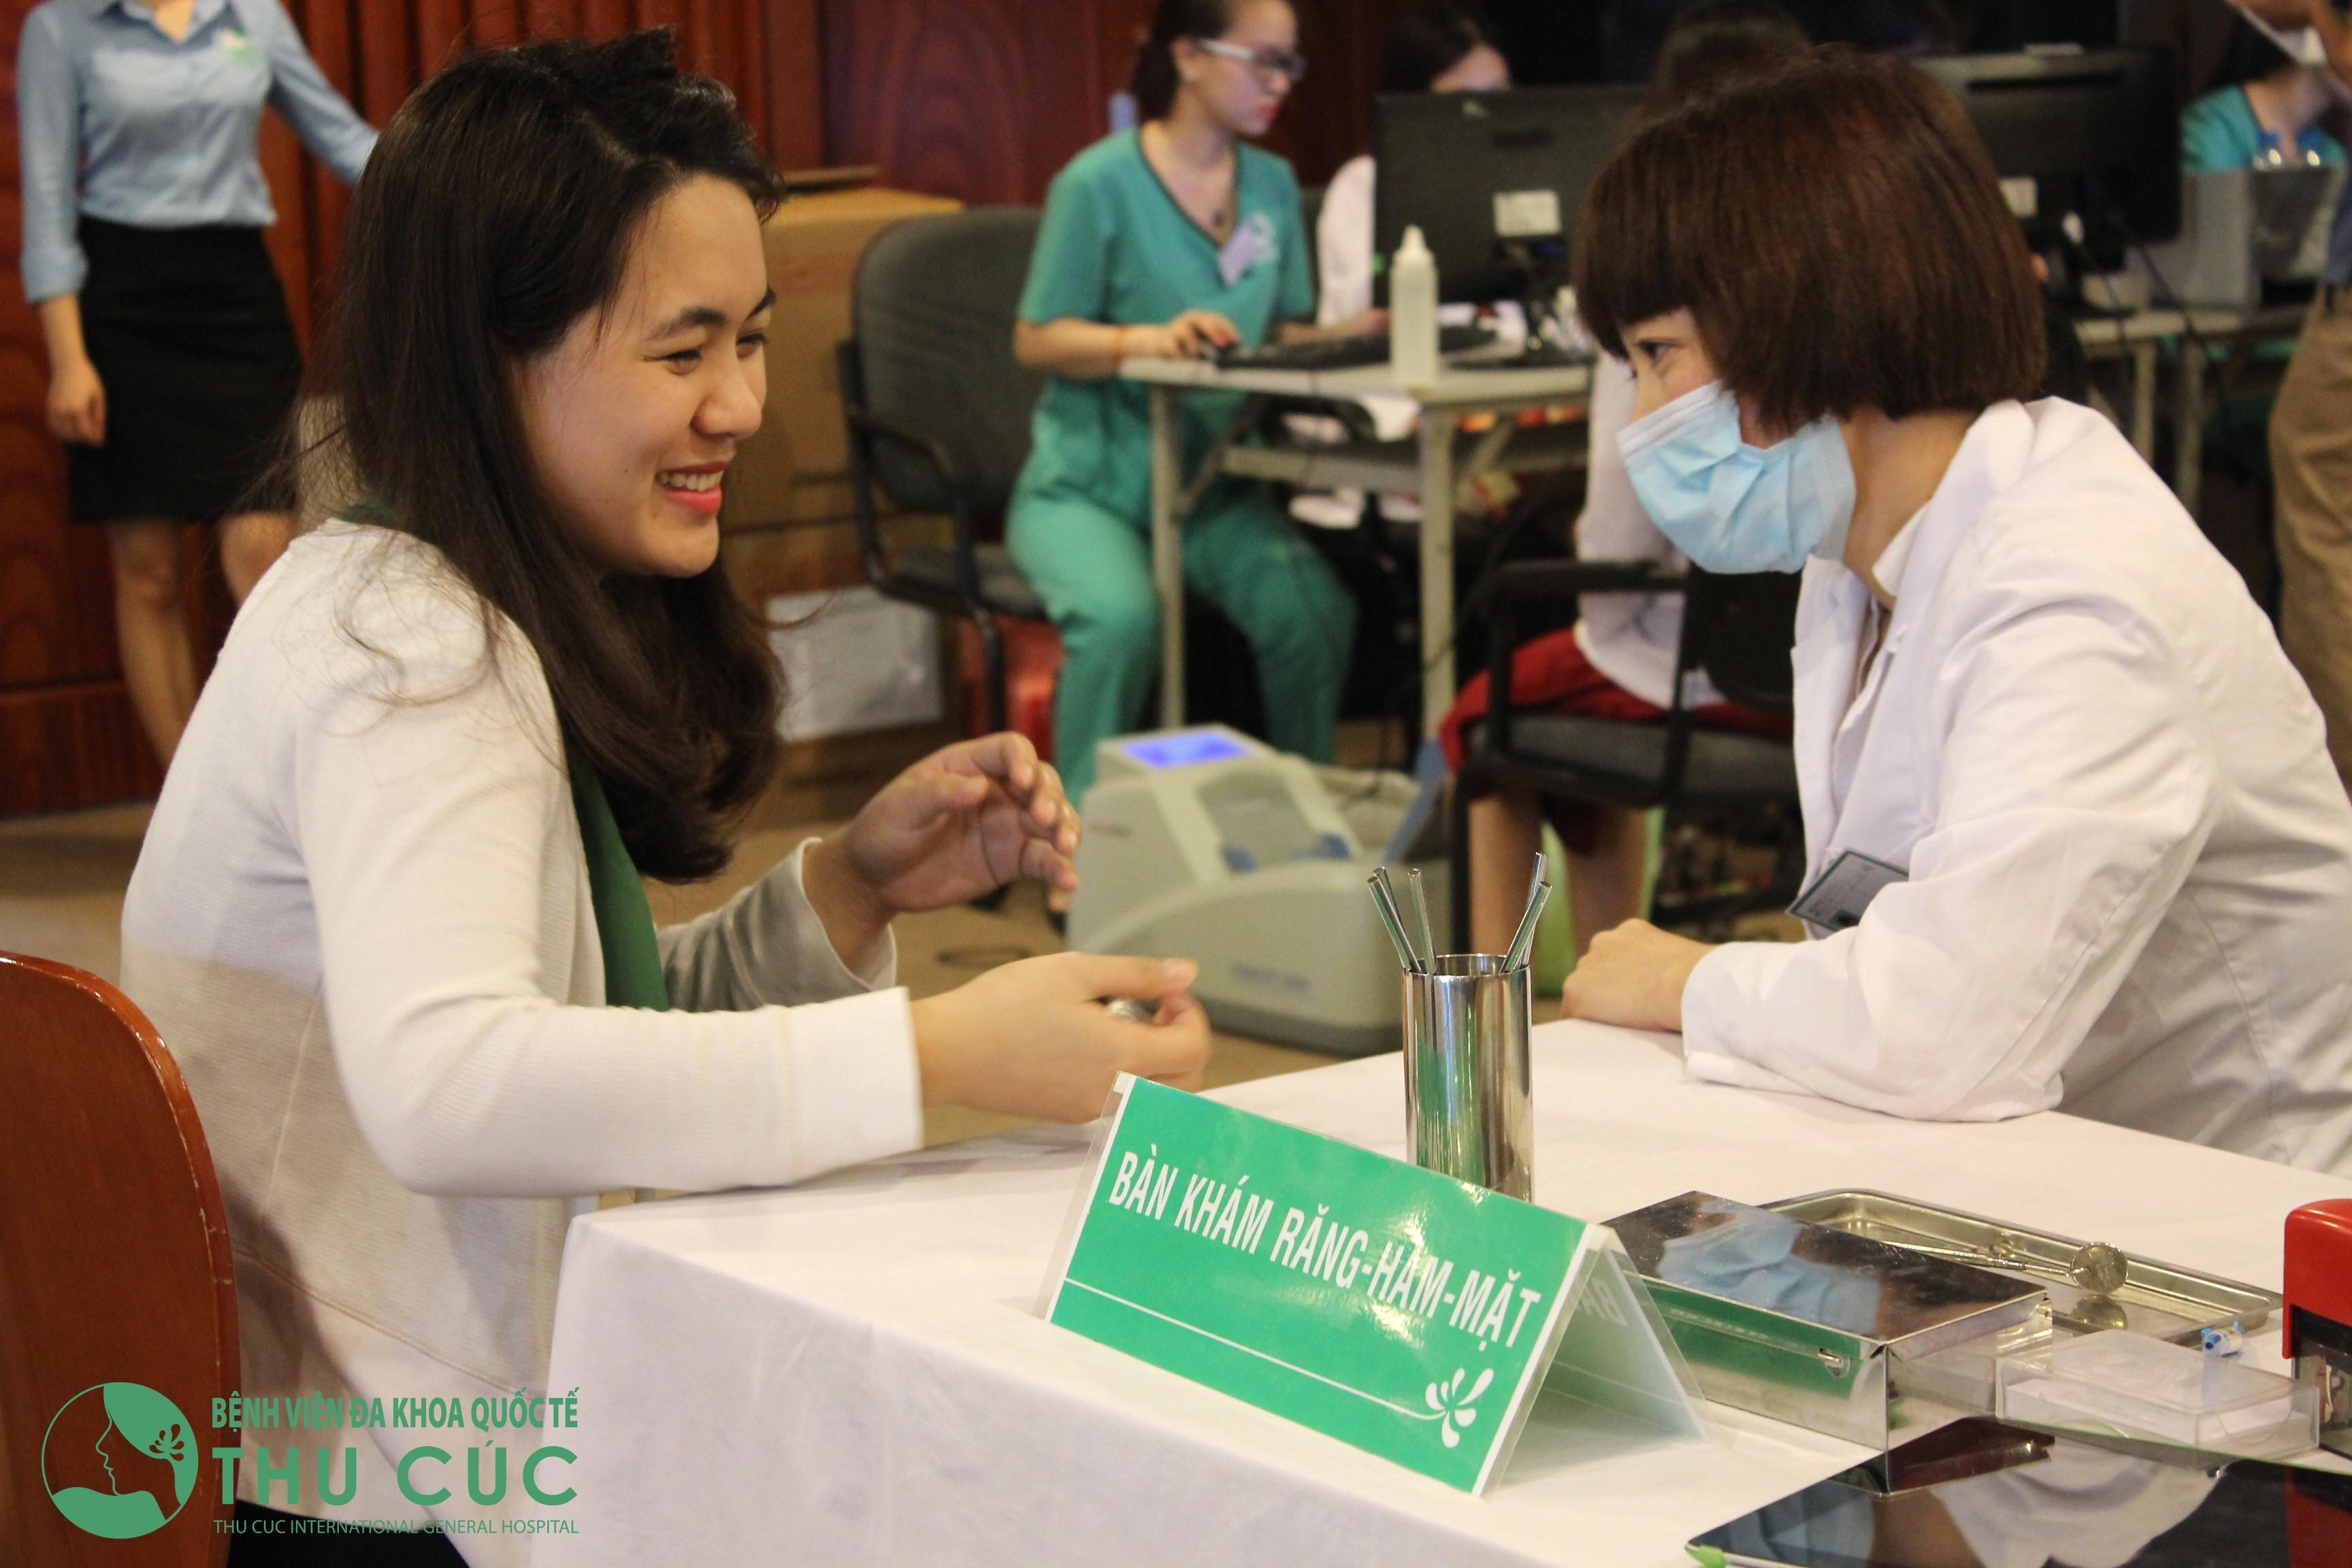 Địa chỉ khám sức khỏe uy tín tại Hà Nội